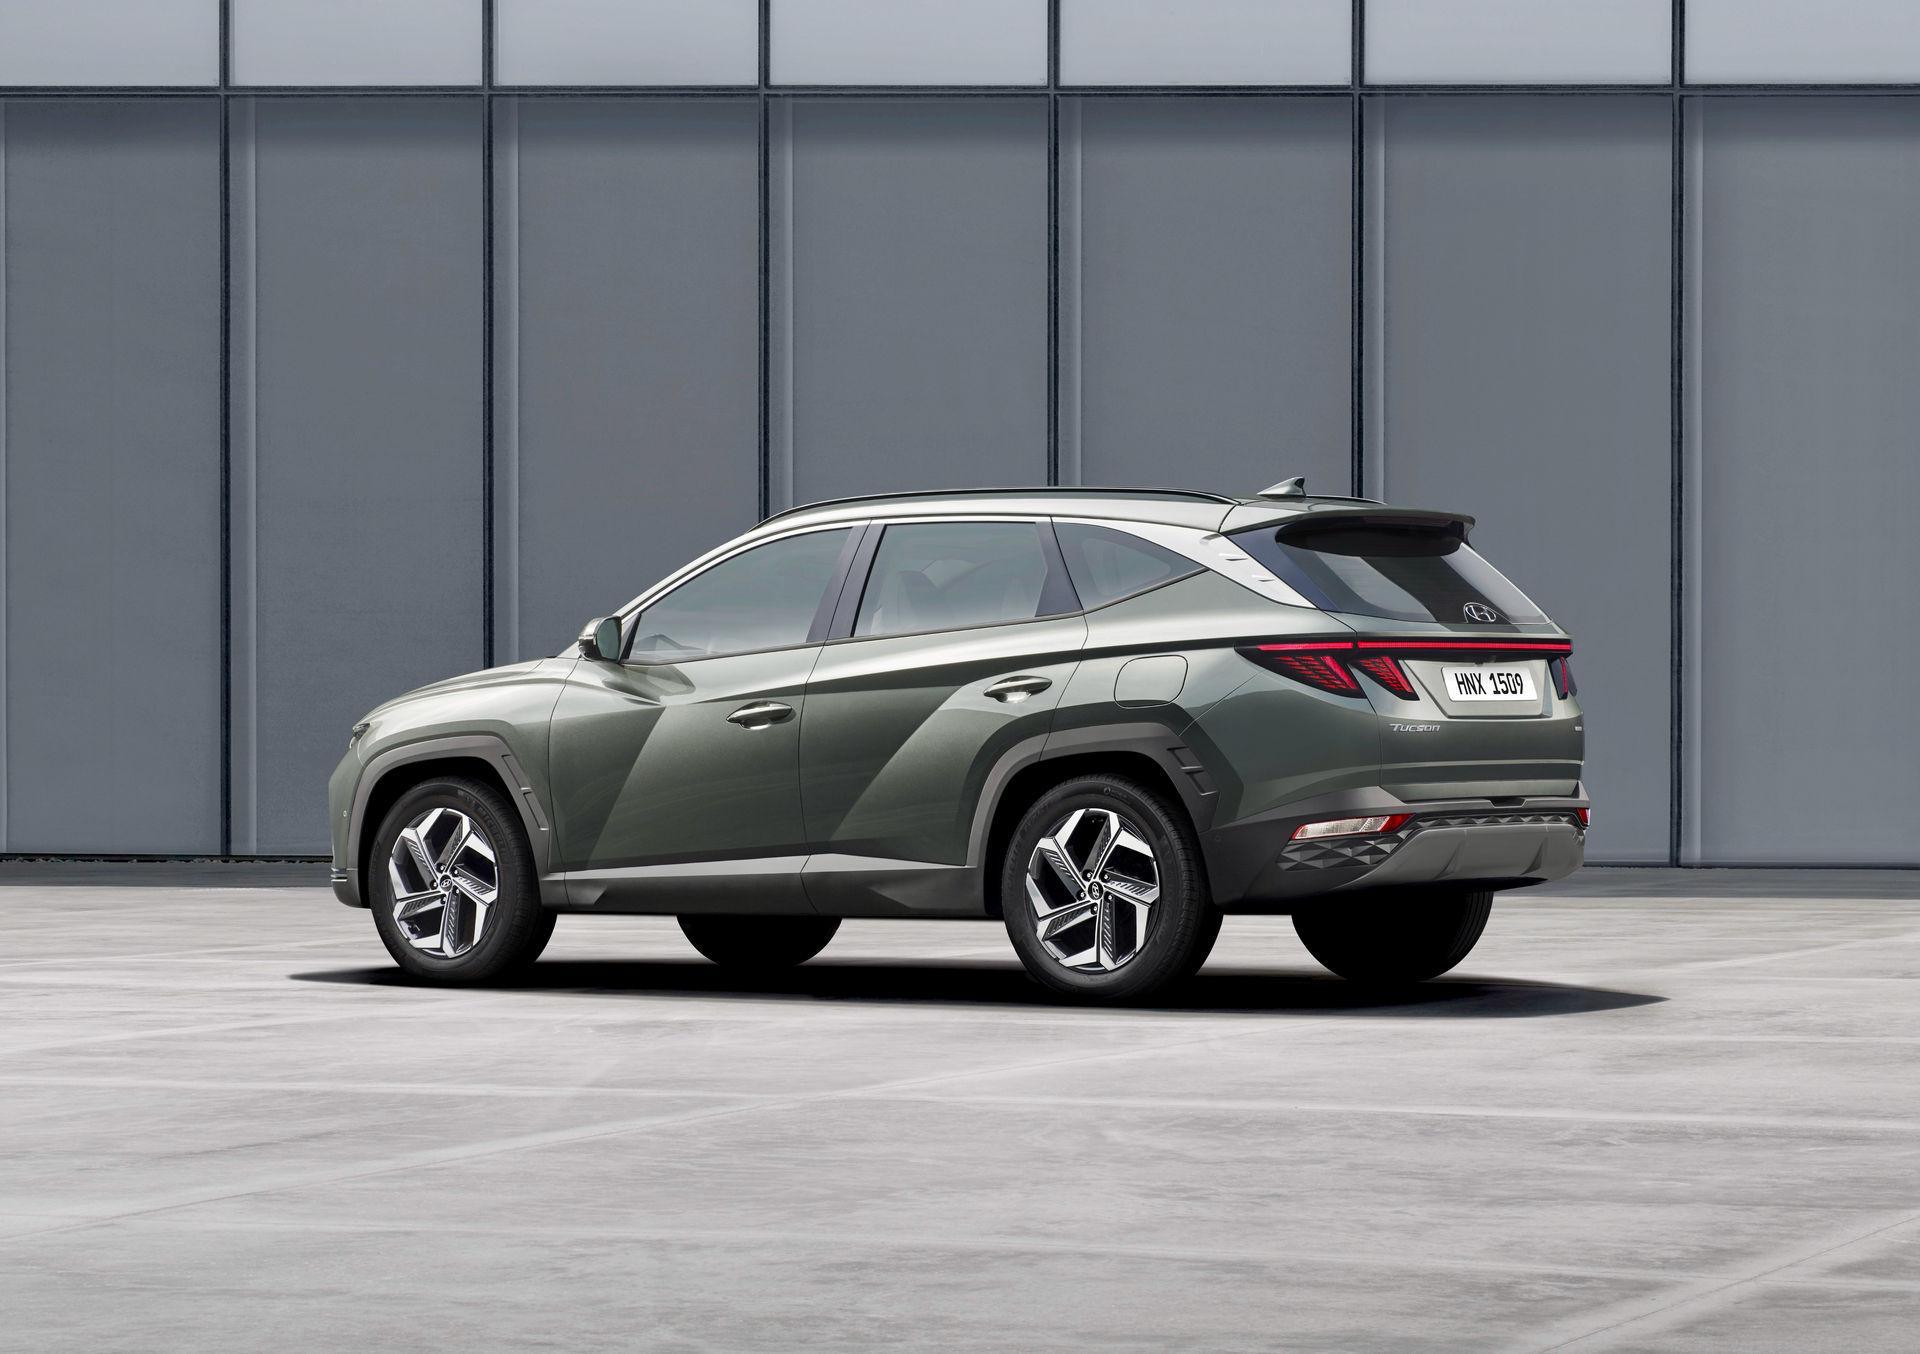 بالفيديو والصور.. انطلاق هيونداي توسان 2022 الجديدة كليًا رسميًا 2021-Hyundai-Tucson-3-1.jpg